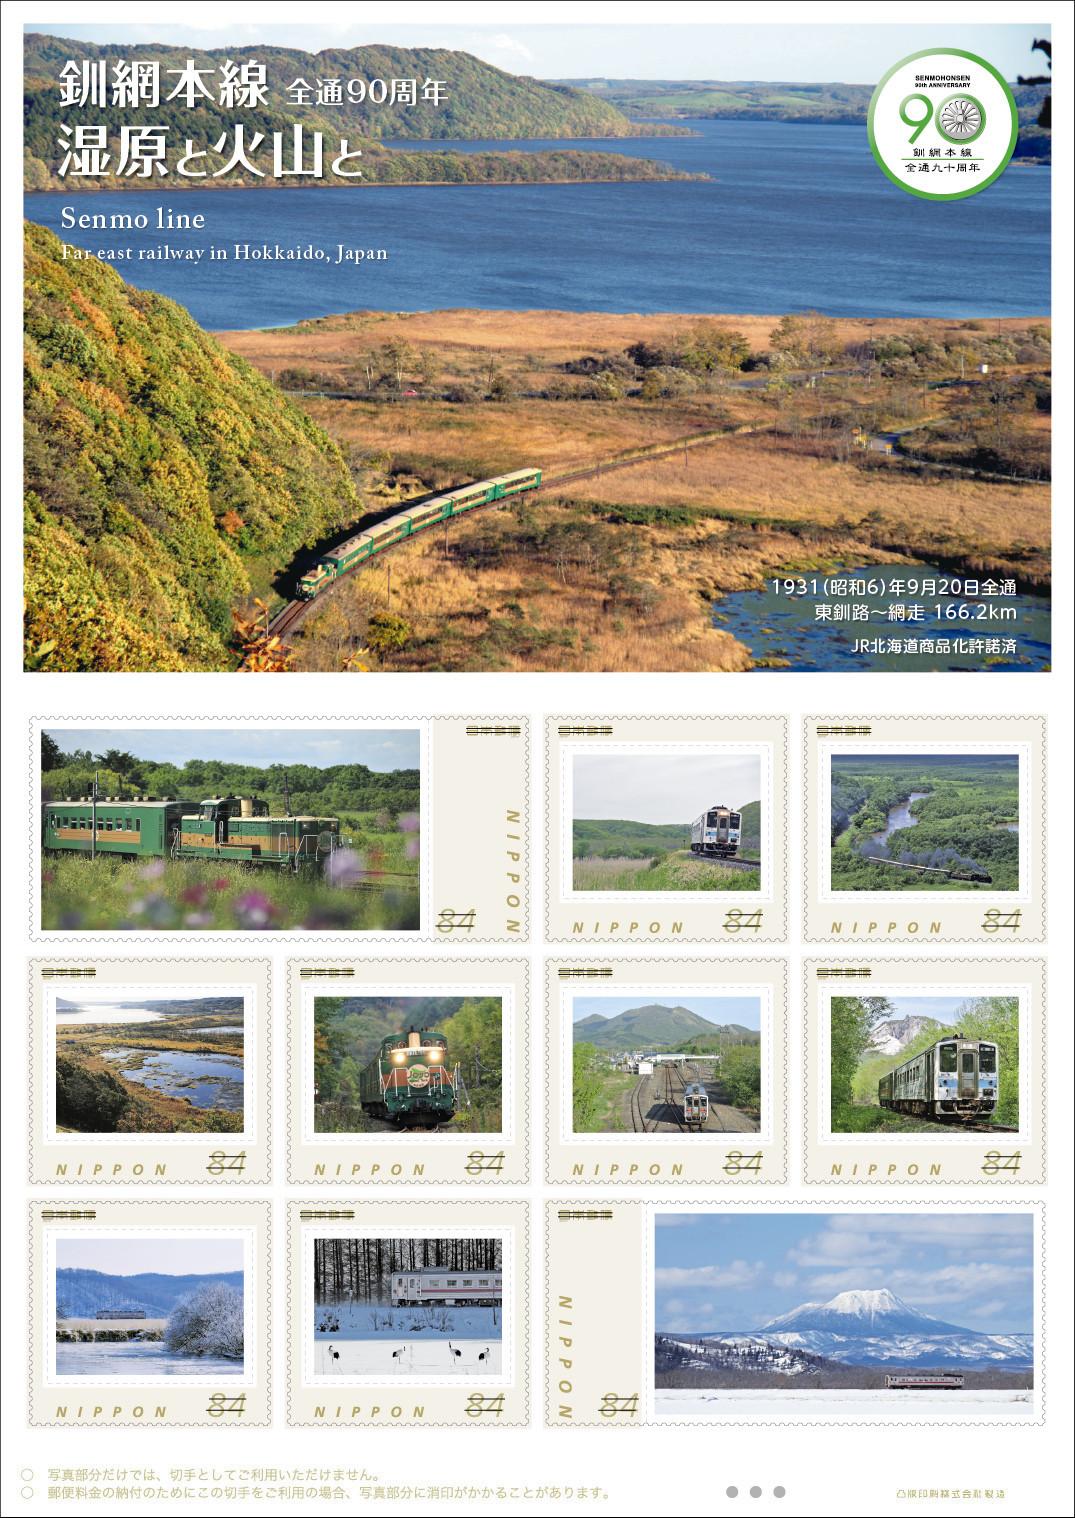 フレーム切手「釧網本線全通90周年 湿原と火山と」